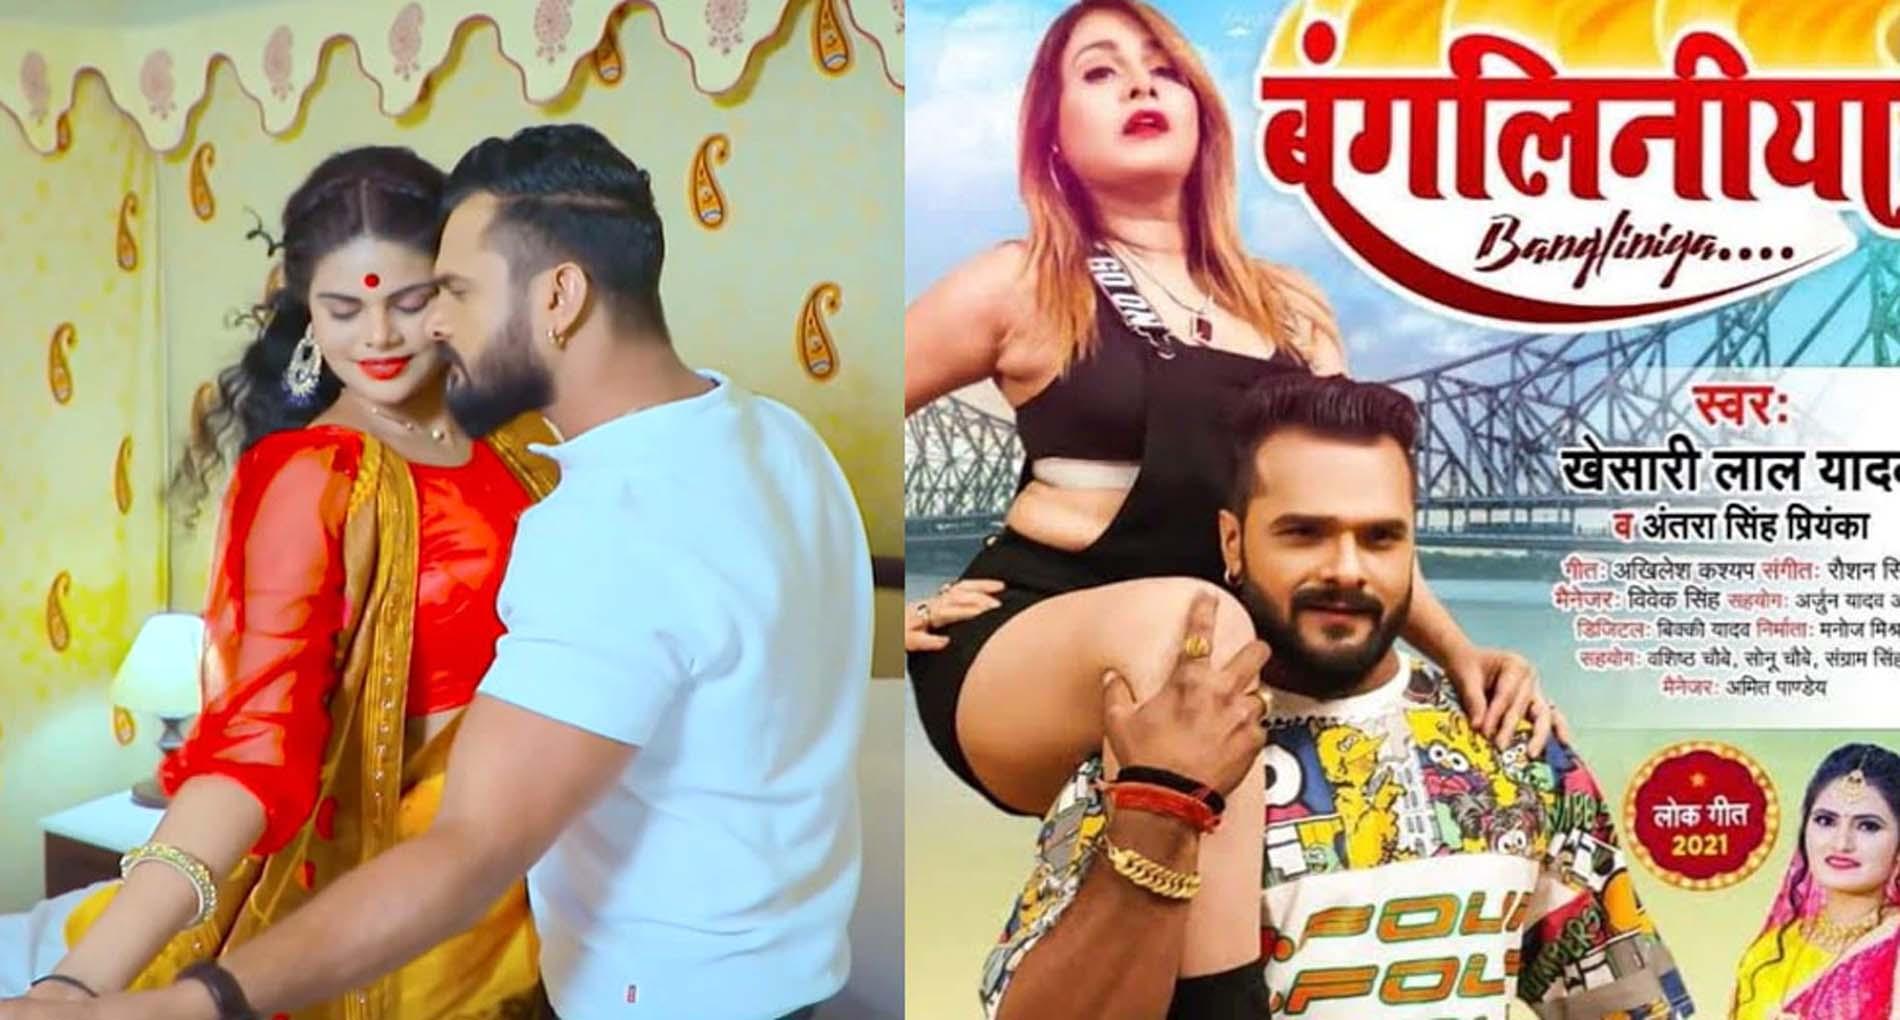 Bhojpuri Hit Song: 'बंगलिनिया' गाने पाखी हेगड़े ने किया खेसारी संग रोमांस! देखें वीडियो